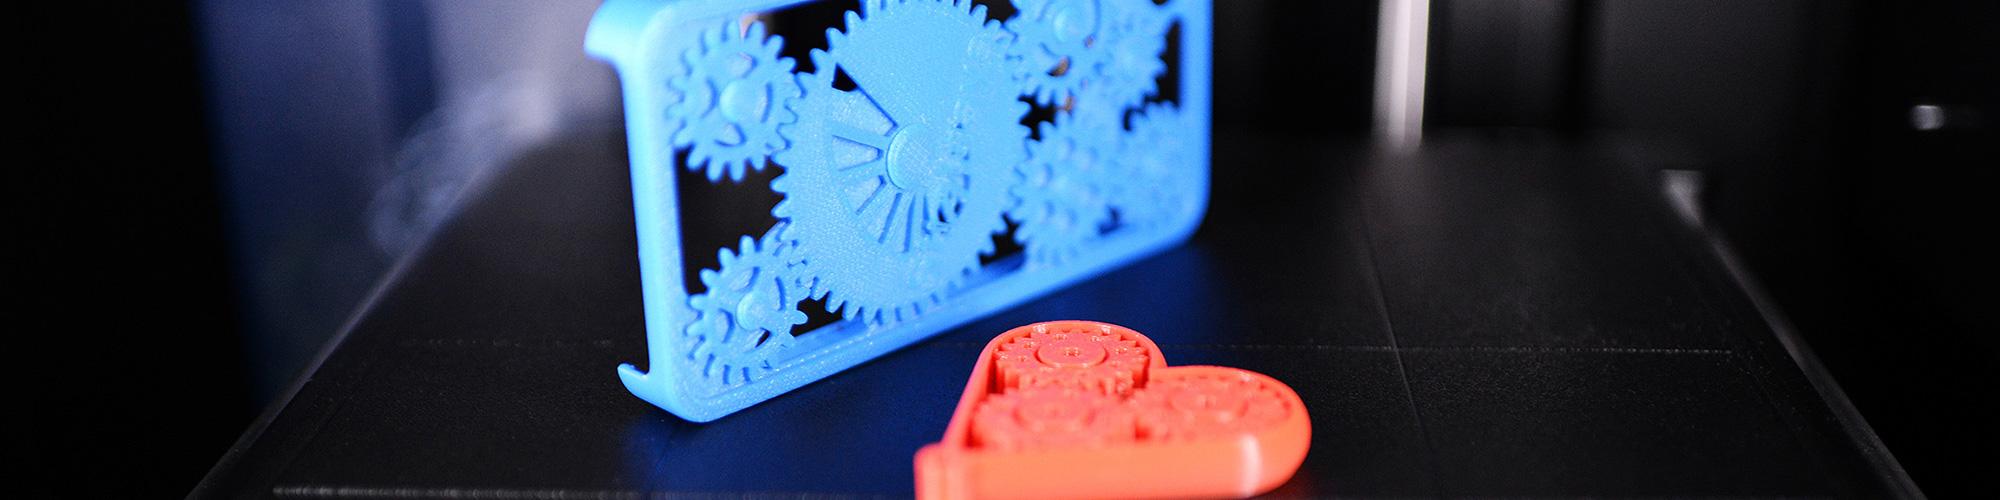 Bereit für Industrie 4.0 – mit Lösungen von MakerBot